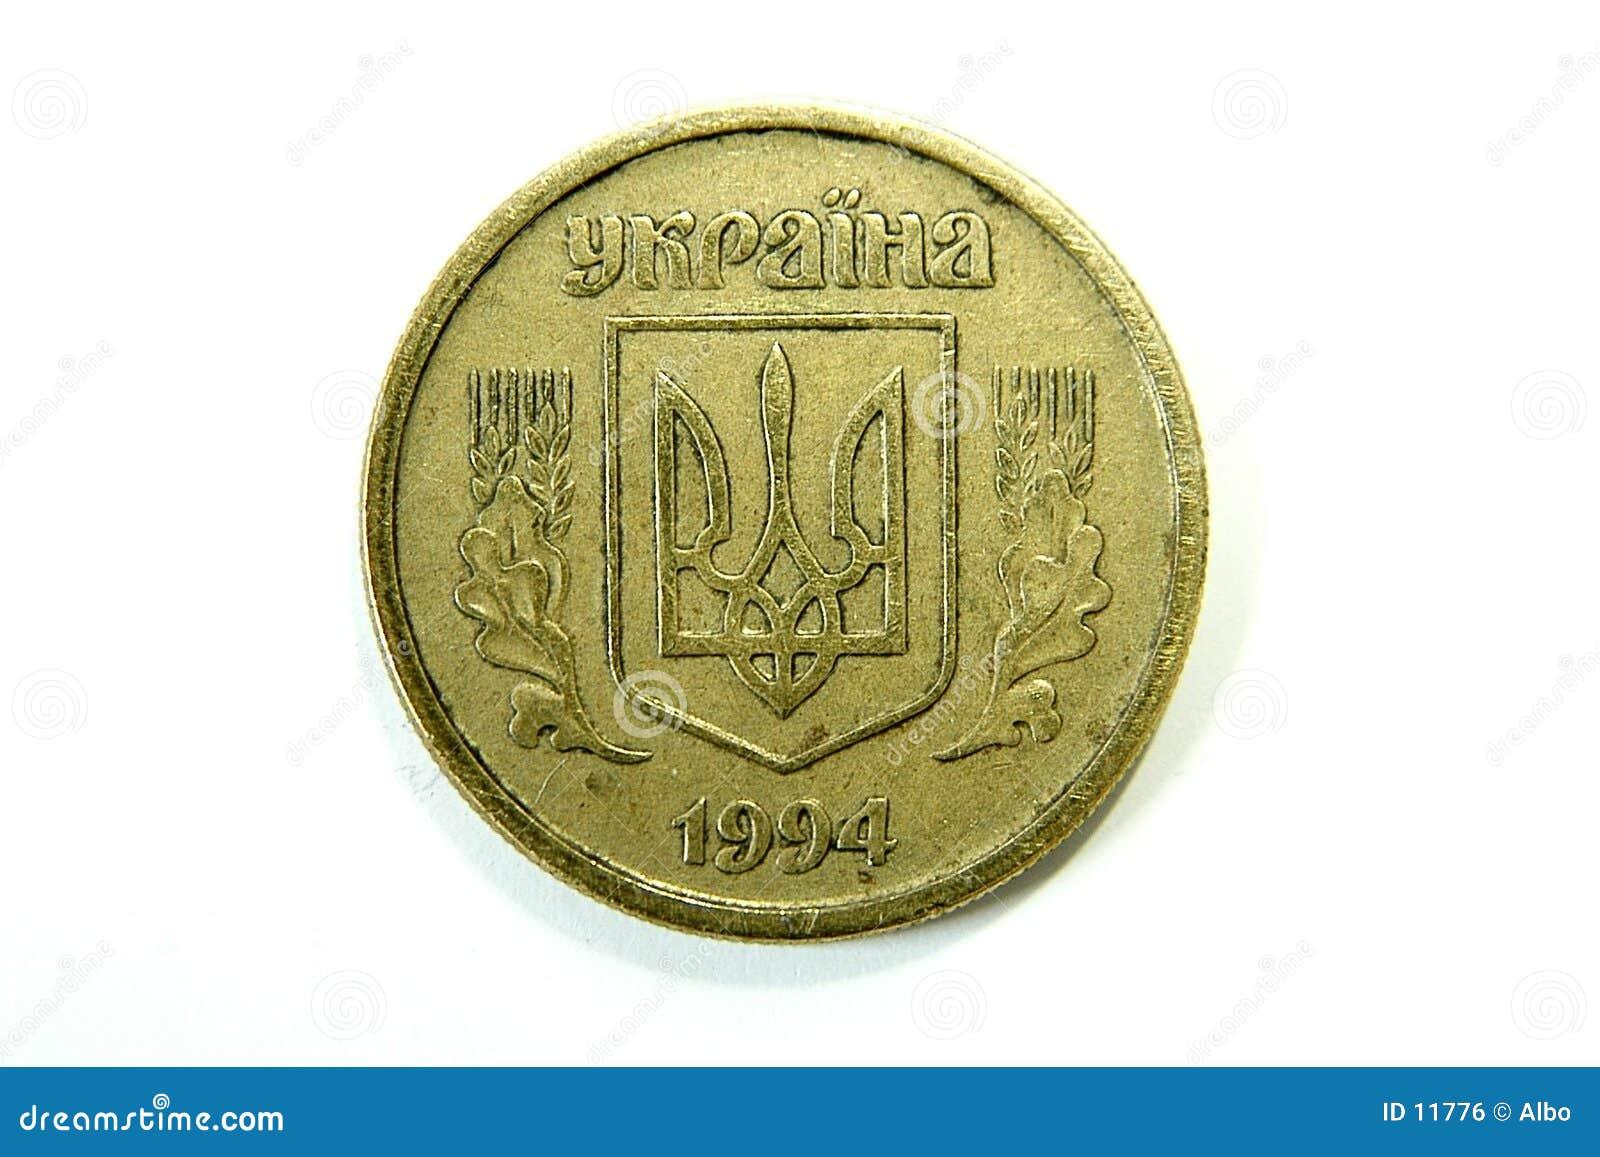 Ukrainian Hryvnia coin